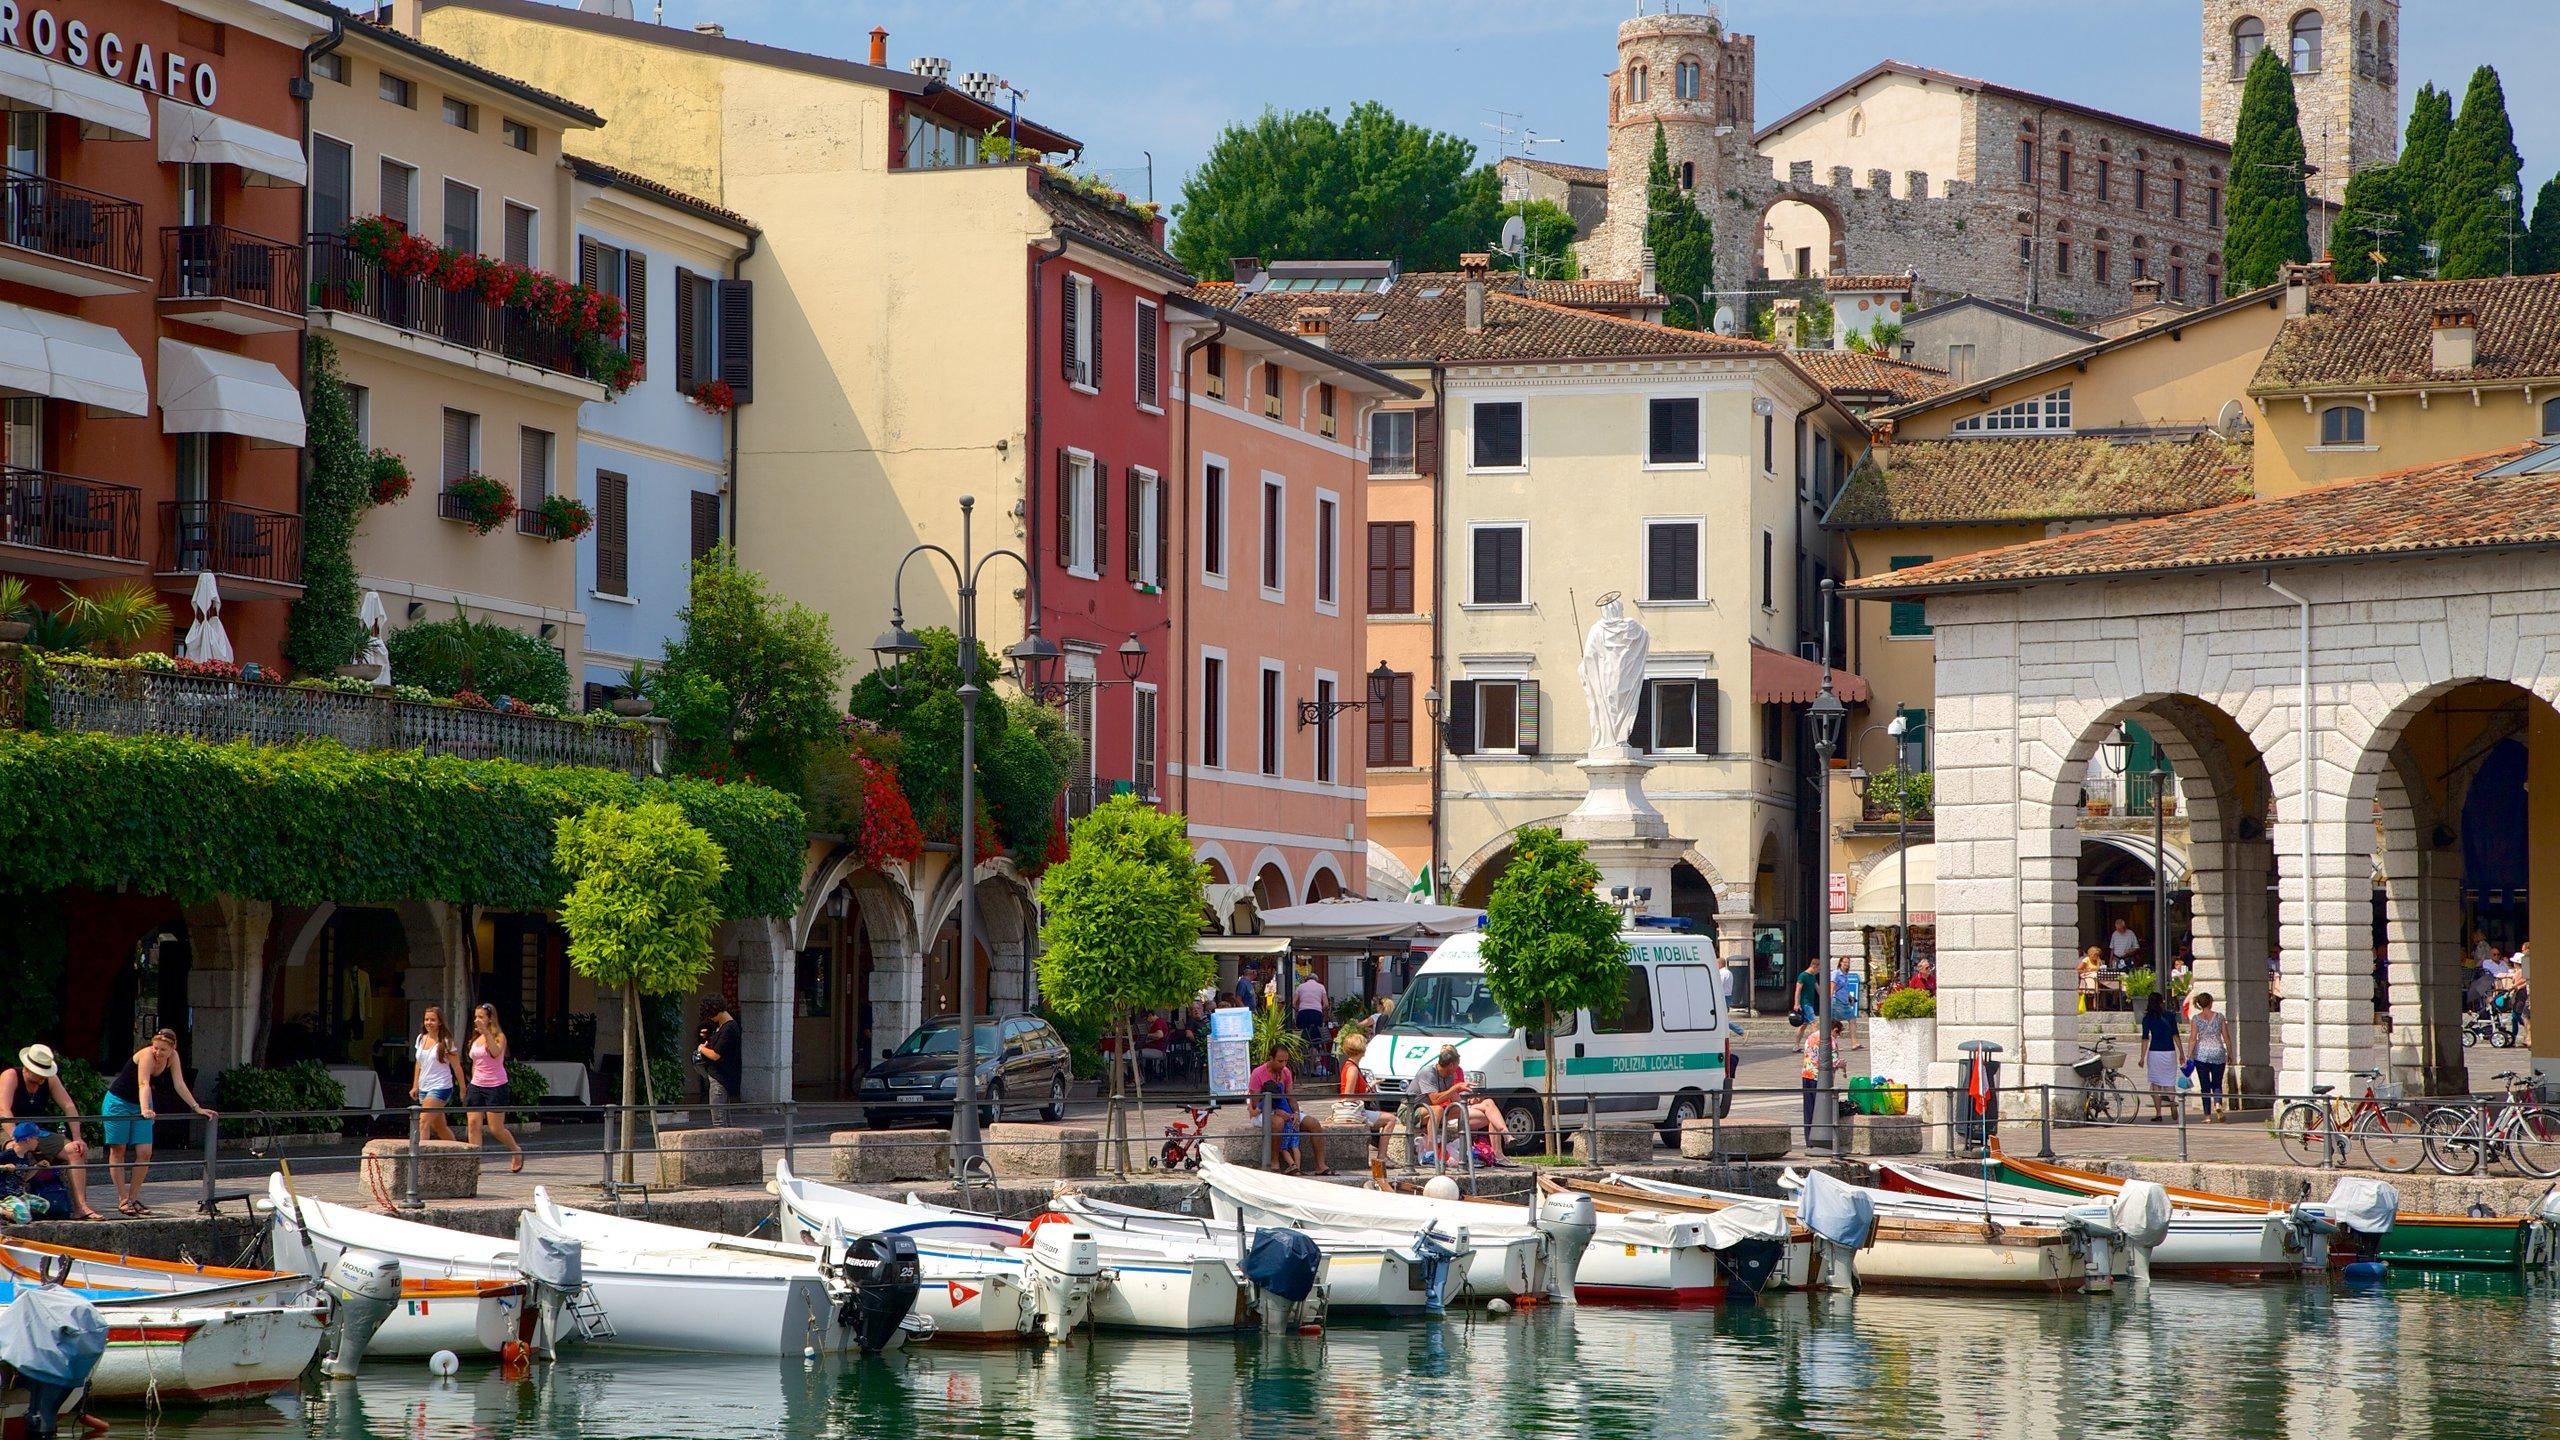 Via Durighello Desenzano Del Garda visit desenzano del garda: 2020 travel guide for desenzano